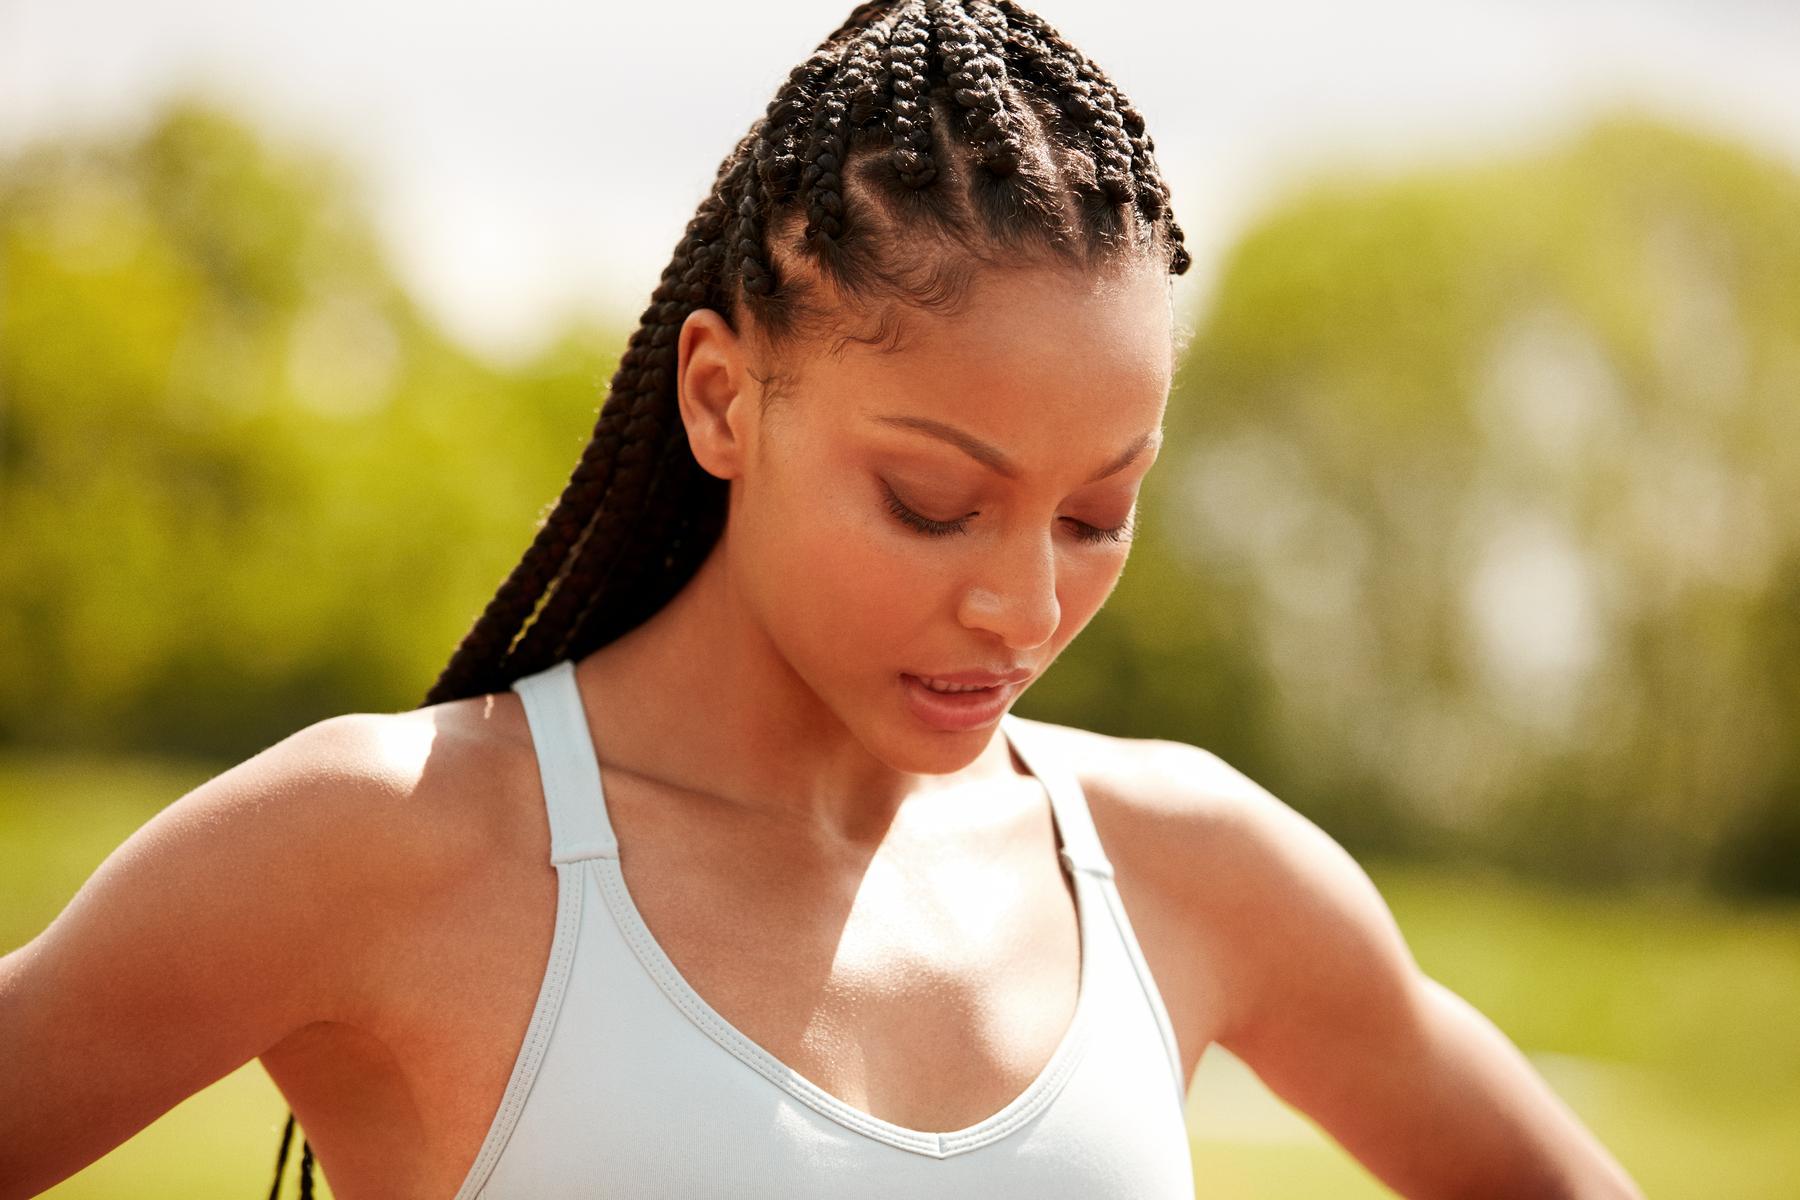 Stimmung bei aktiven Individuen & Unterschiede bei Diäten für Gewichtsverlust | Die Top-Studien der Woche